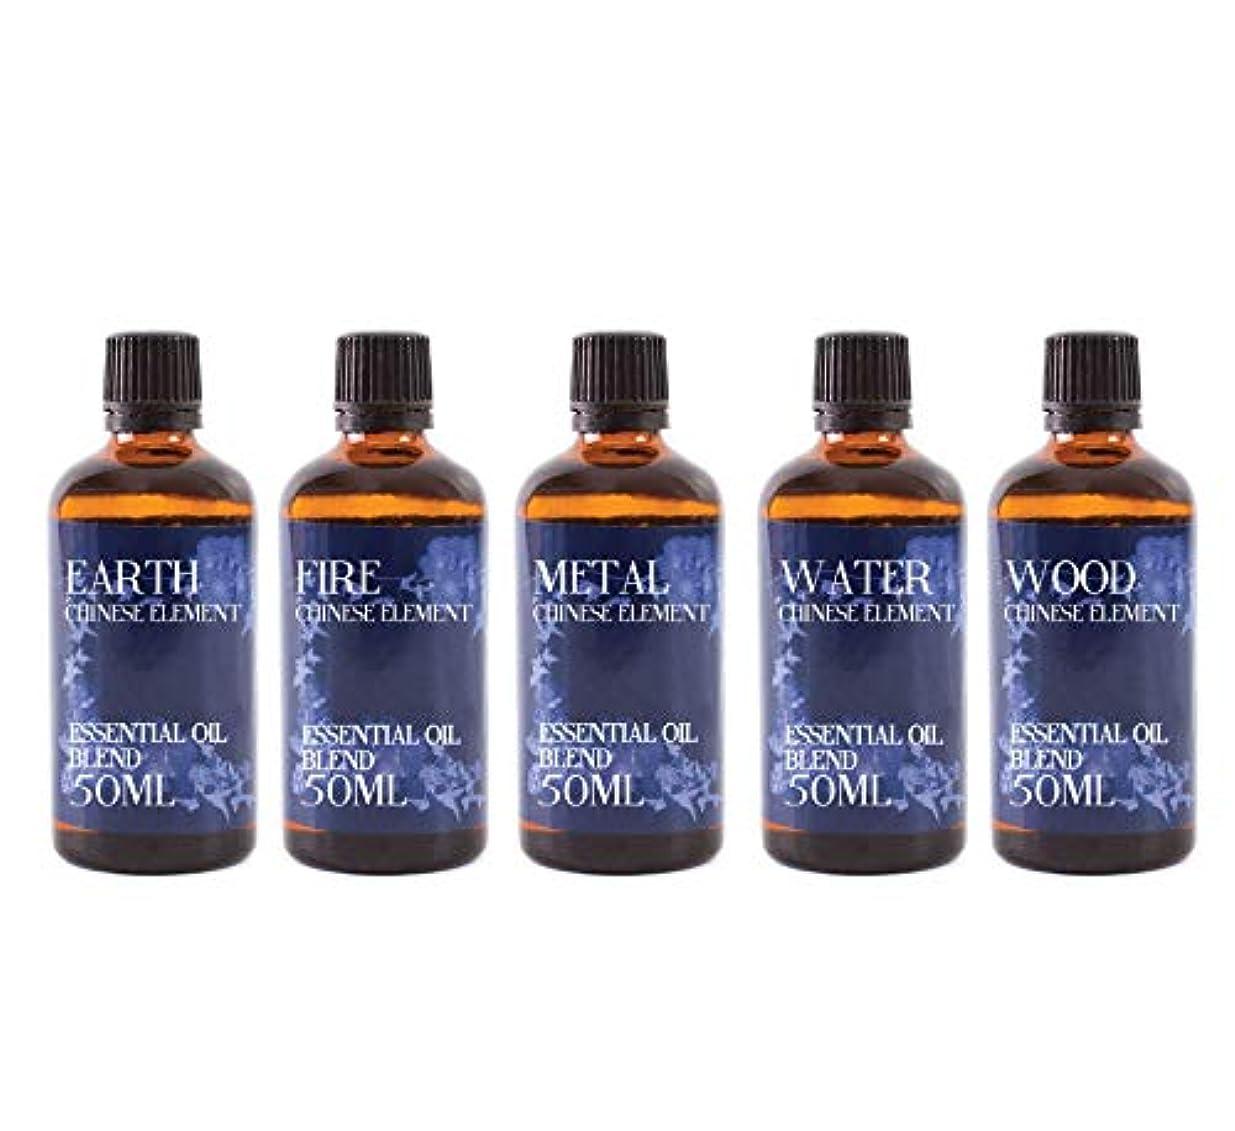 死ぬ作者球体Mystix London | Gift Starter Pack of 5x50ml Chinese Elements Essential Oil Blends